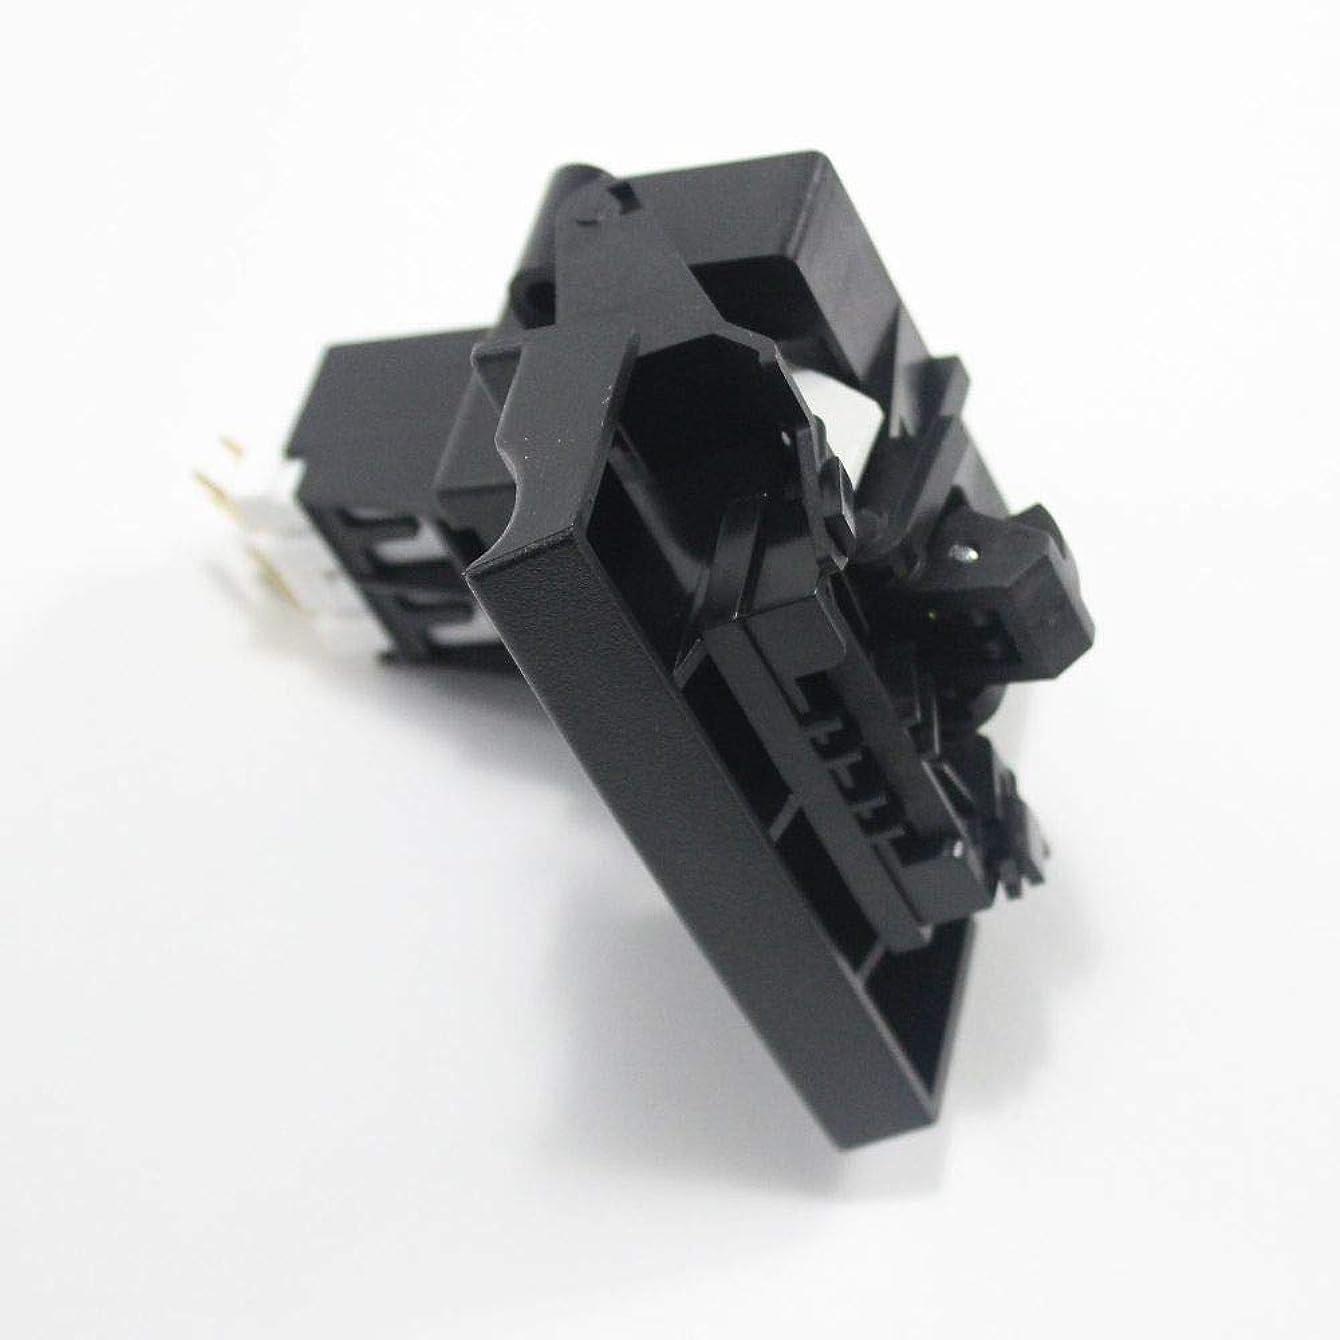 154478403 Dishwasher Door Latch Assembly (Black) Genuine Original Equipment Manufacturer (OEM) Part Black